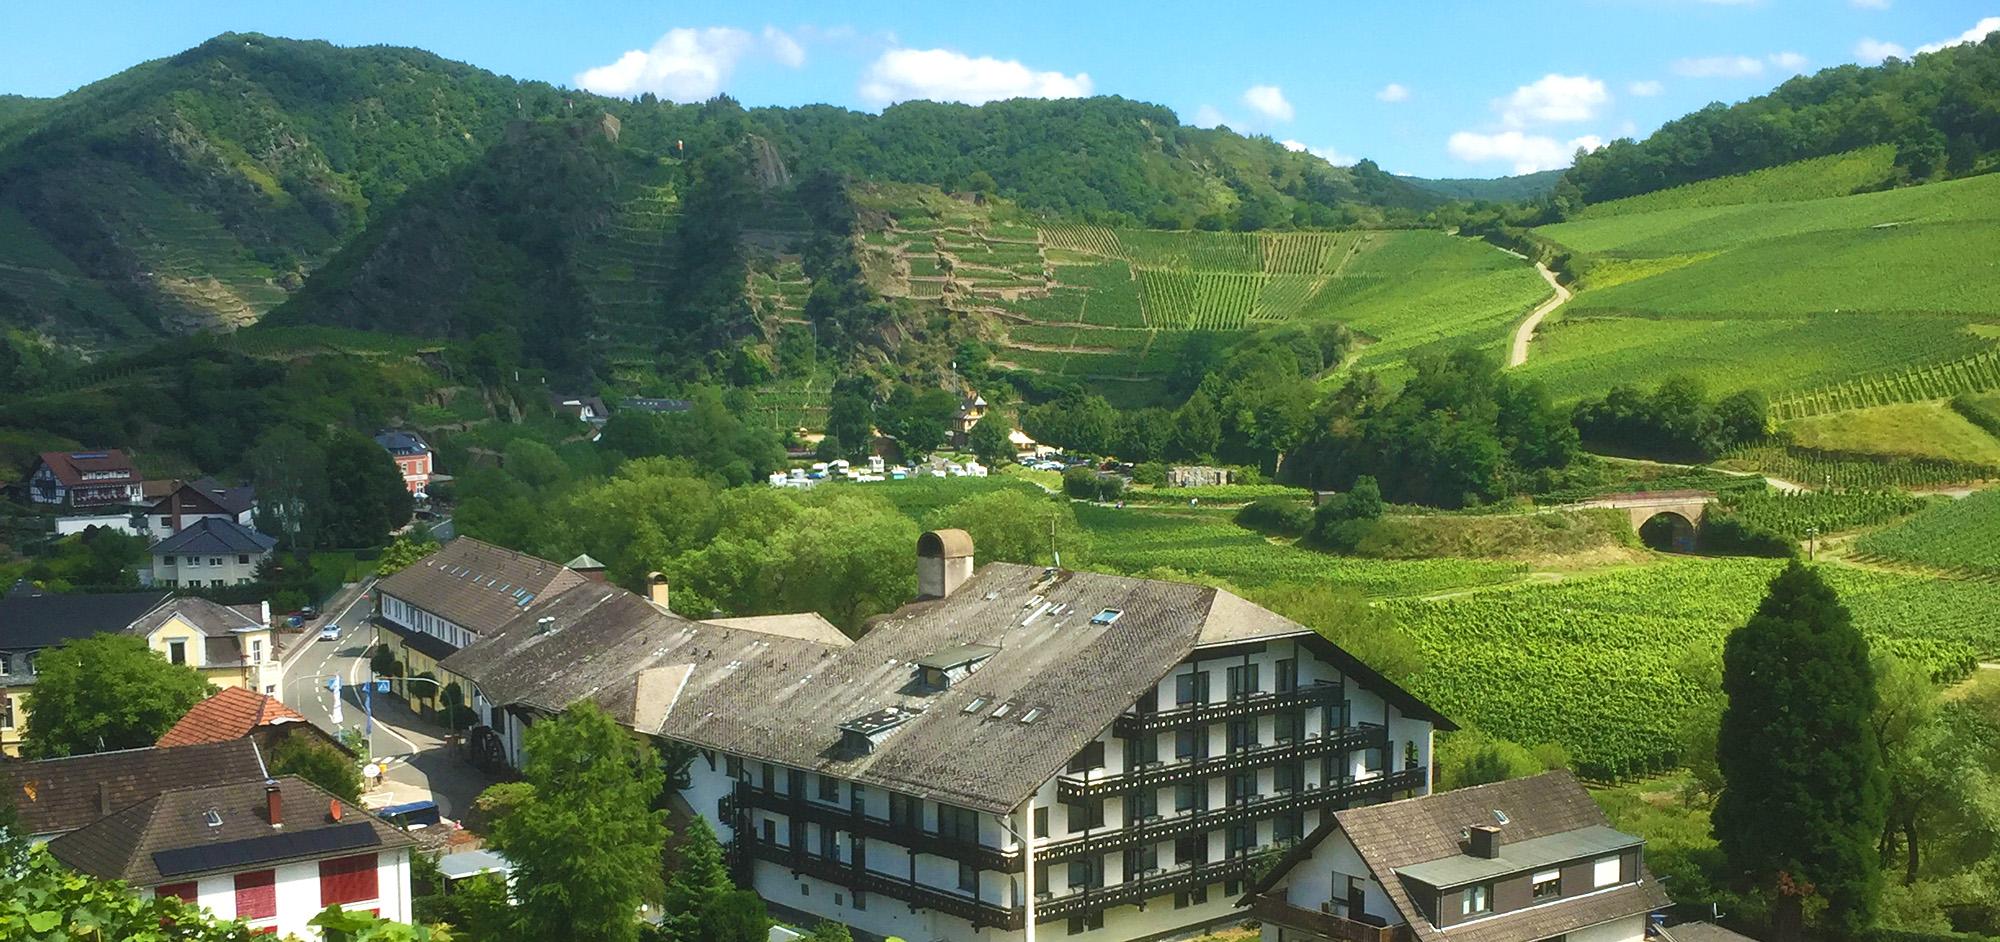 Mayschoss Rhineland Palatinate Germany